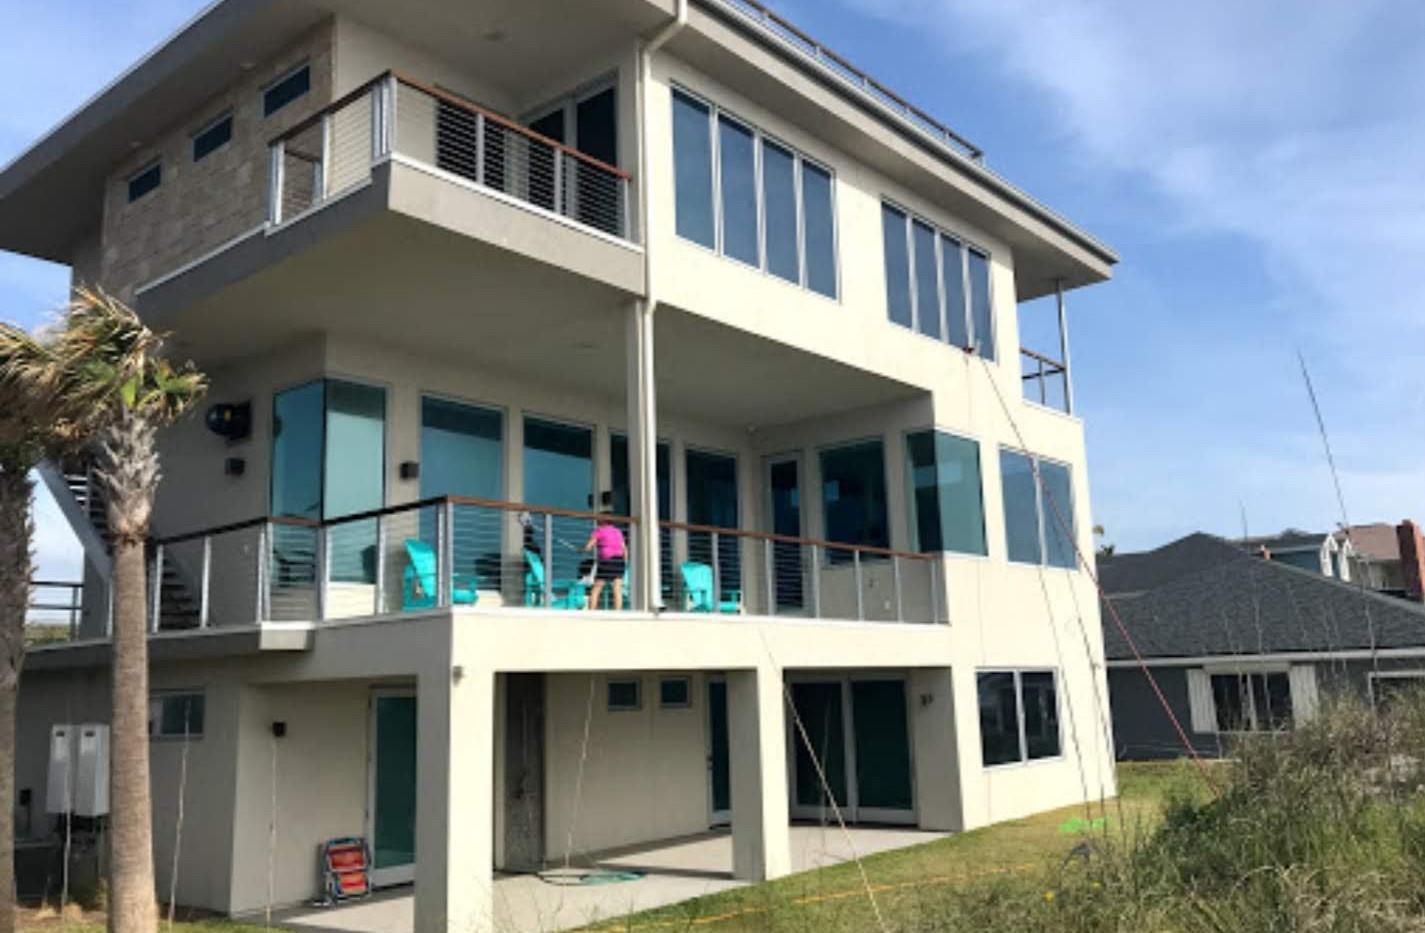 Residential window cleaning, Fernandina Beach Florida